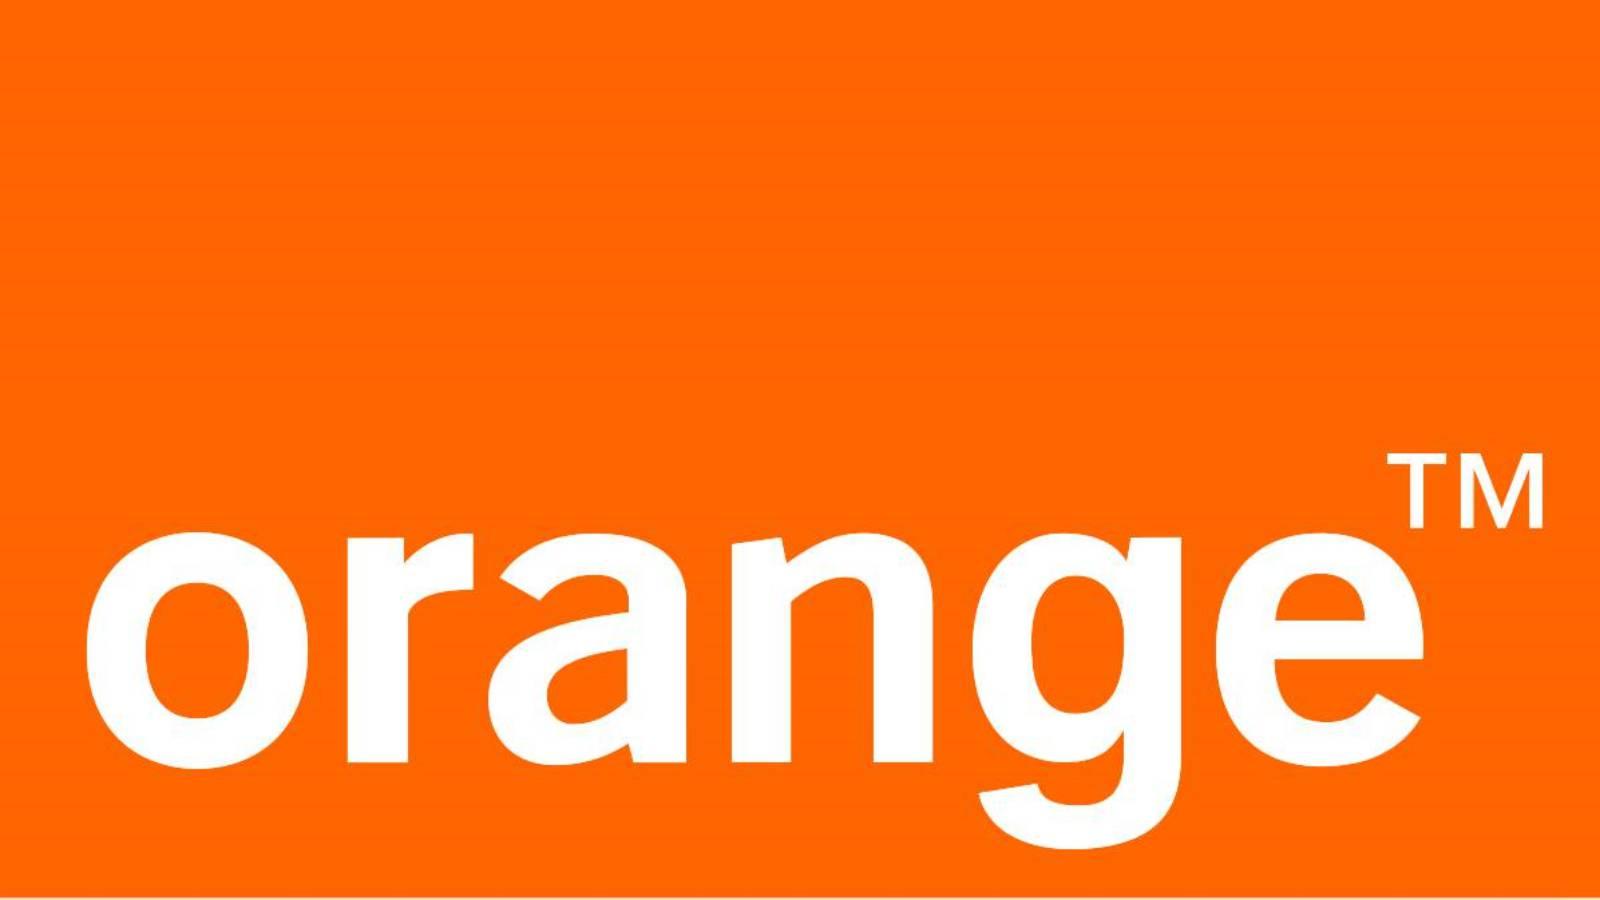 Orange incident